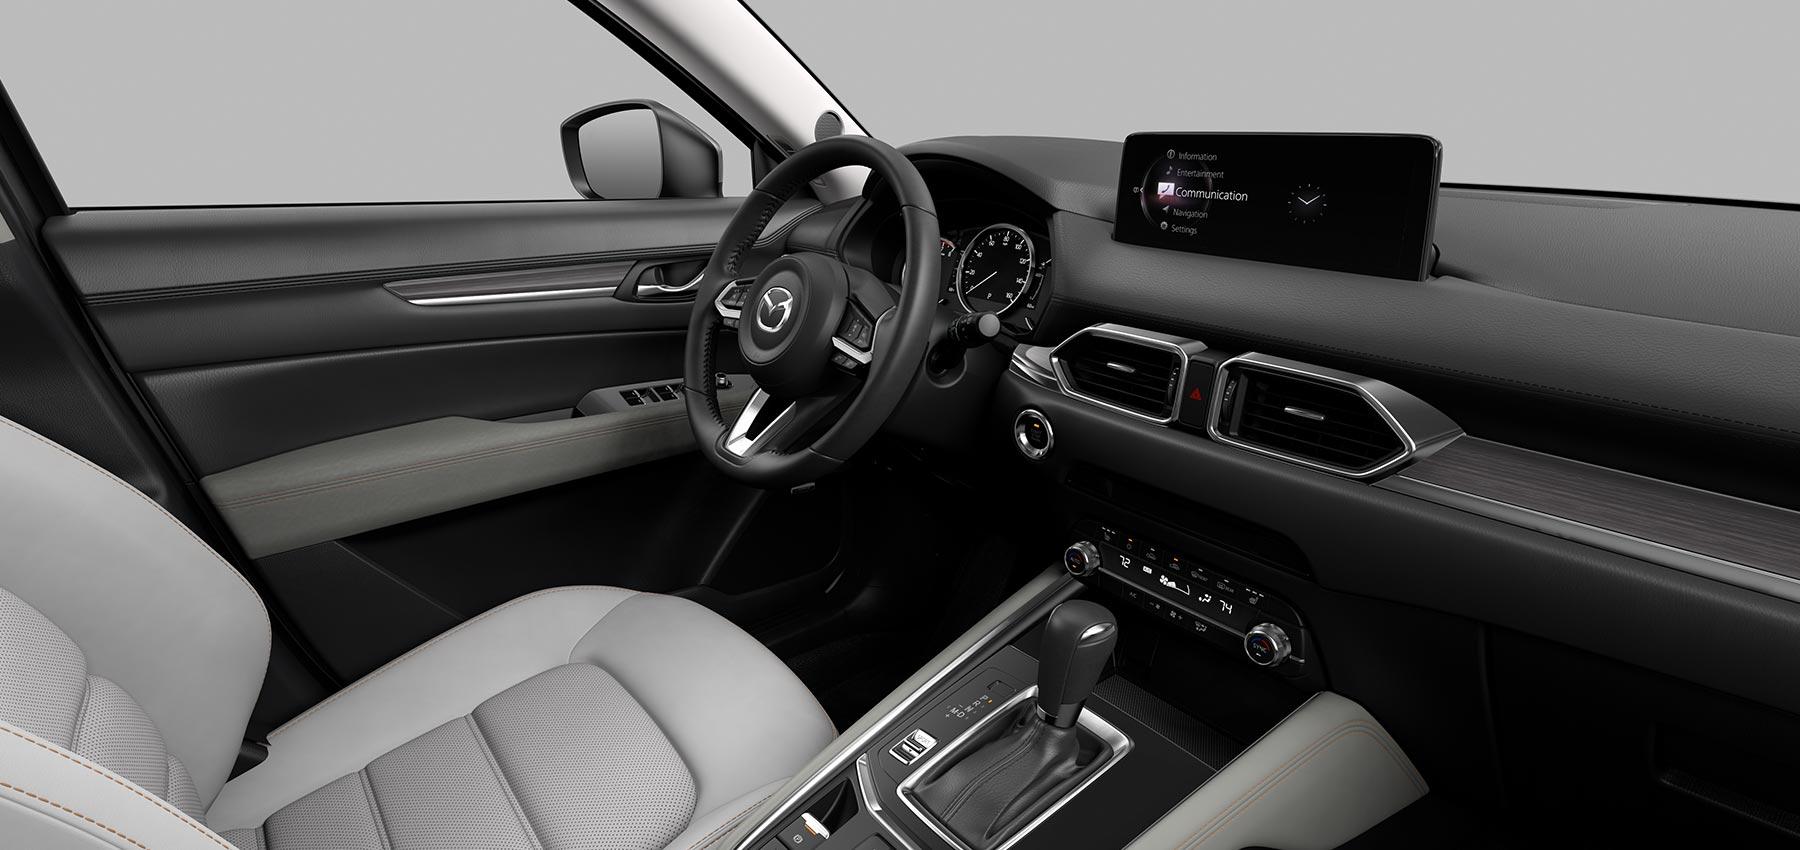 New 2021 Mazda CX-5 CX-5 Sport Utility in White Bear Lake ...